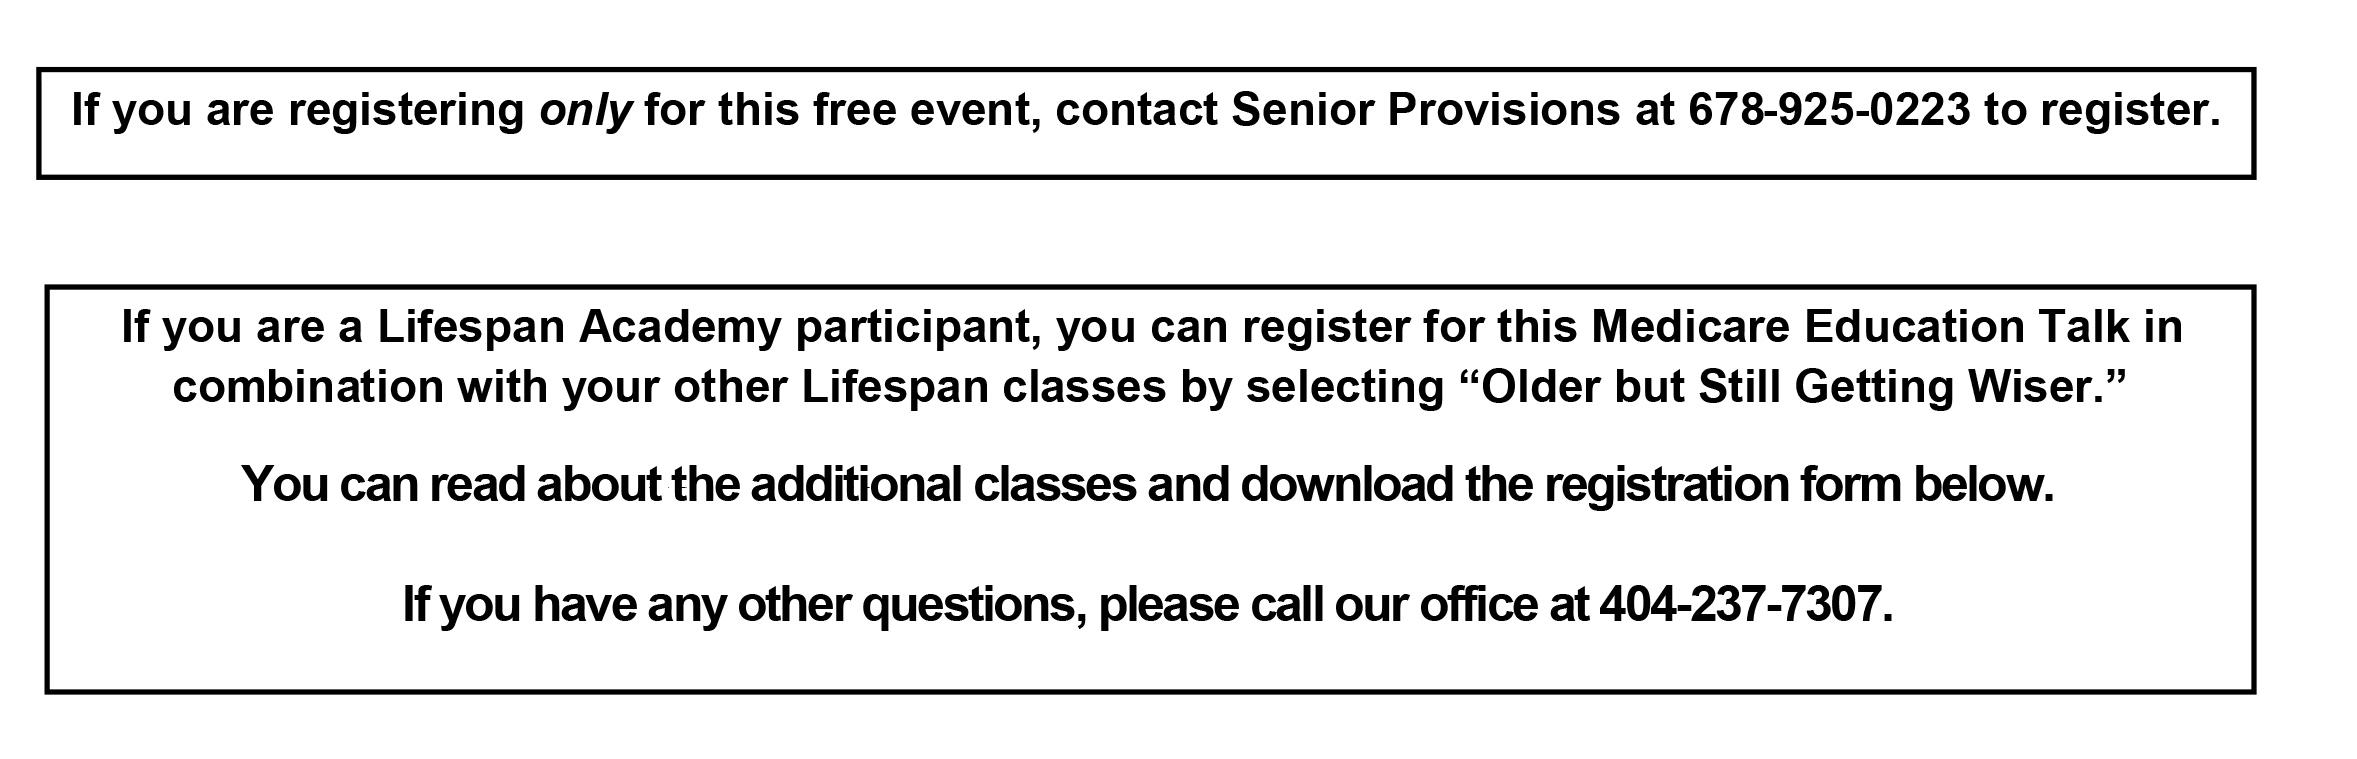 corrected registration information